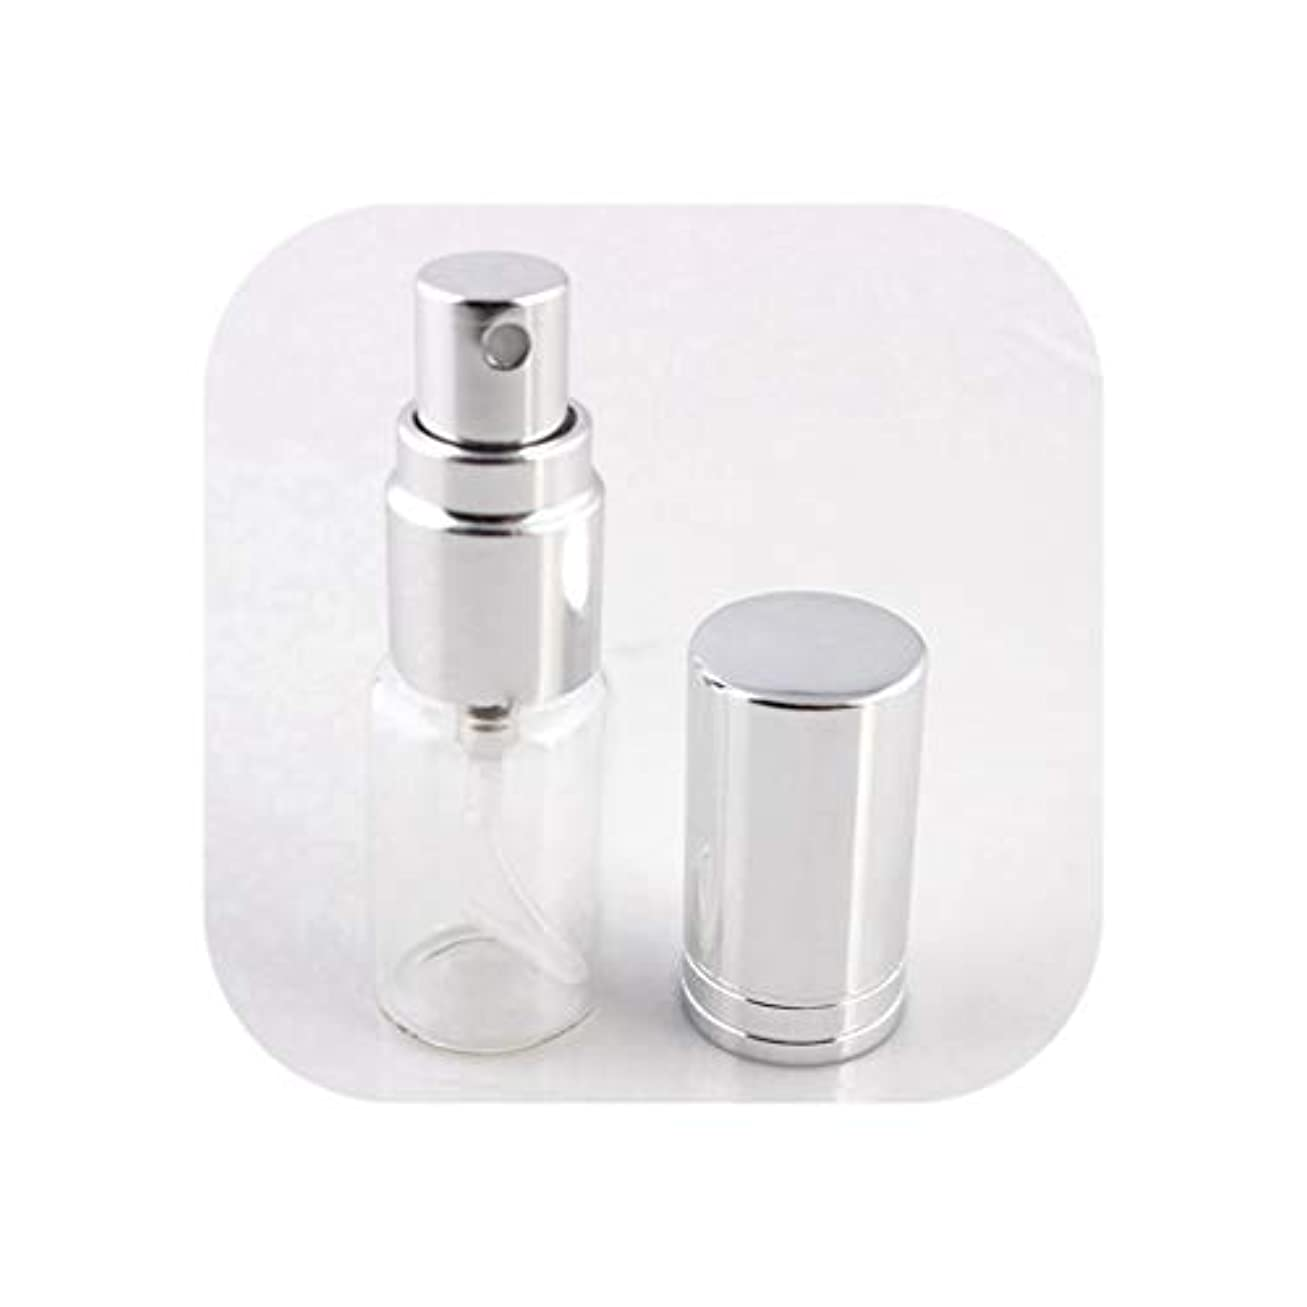 指導する冷淡なパトロールアトマイザーの1pcs 5ミリリットル/ 10MLポータブルカラフルなガラスの詰め替え香水瓶は、SV1-S、旅行のための化粧品容器で噴霧器を空にする